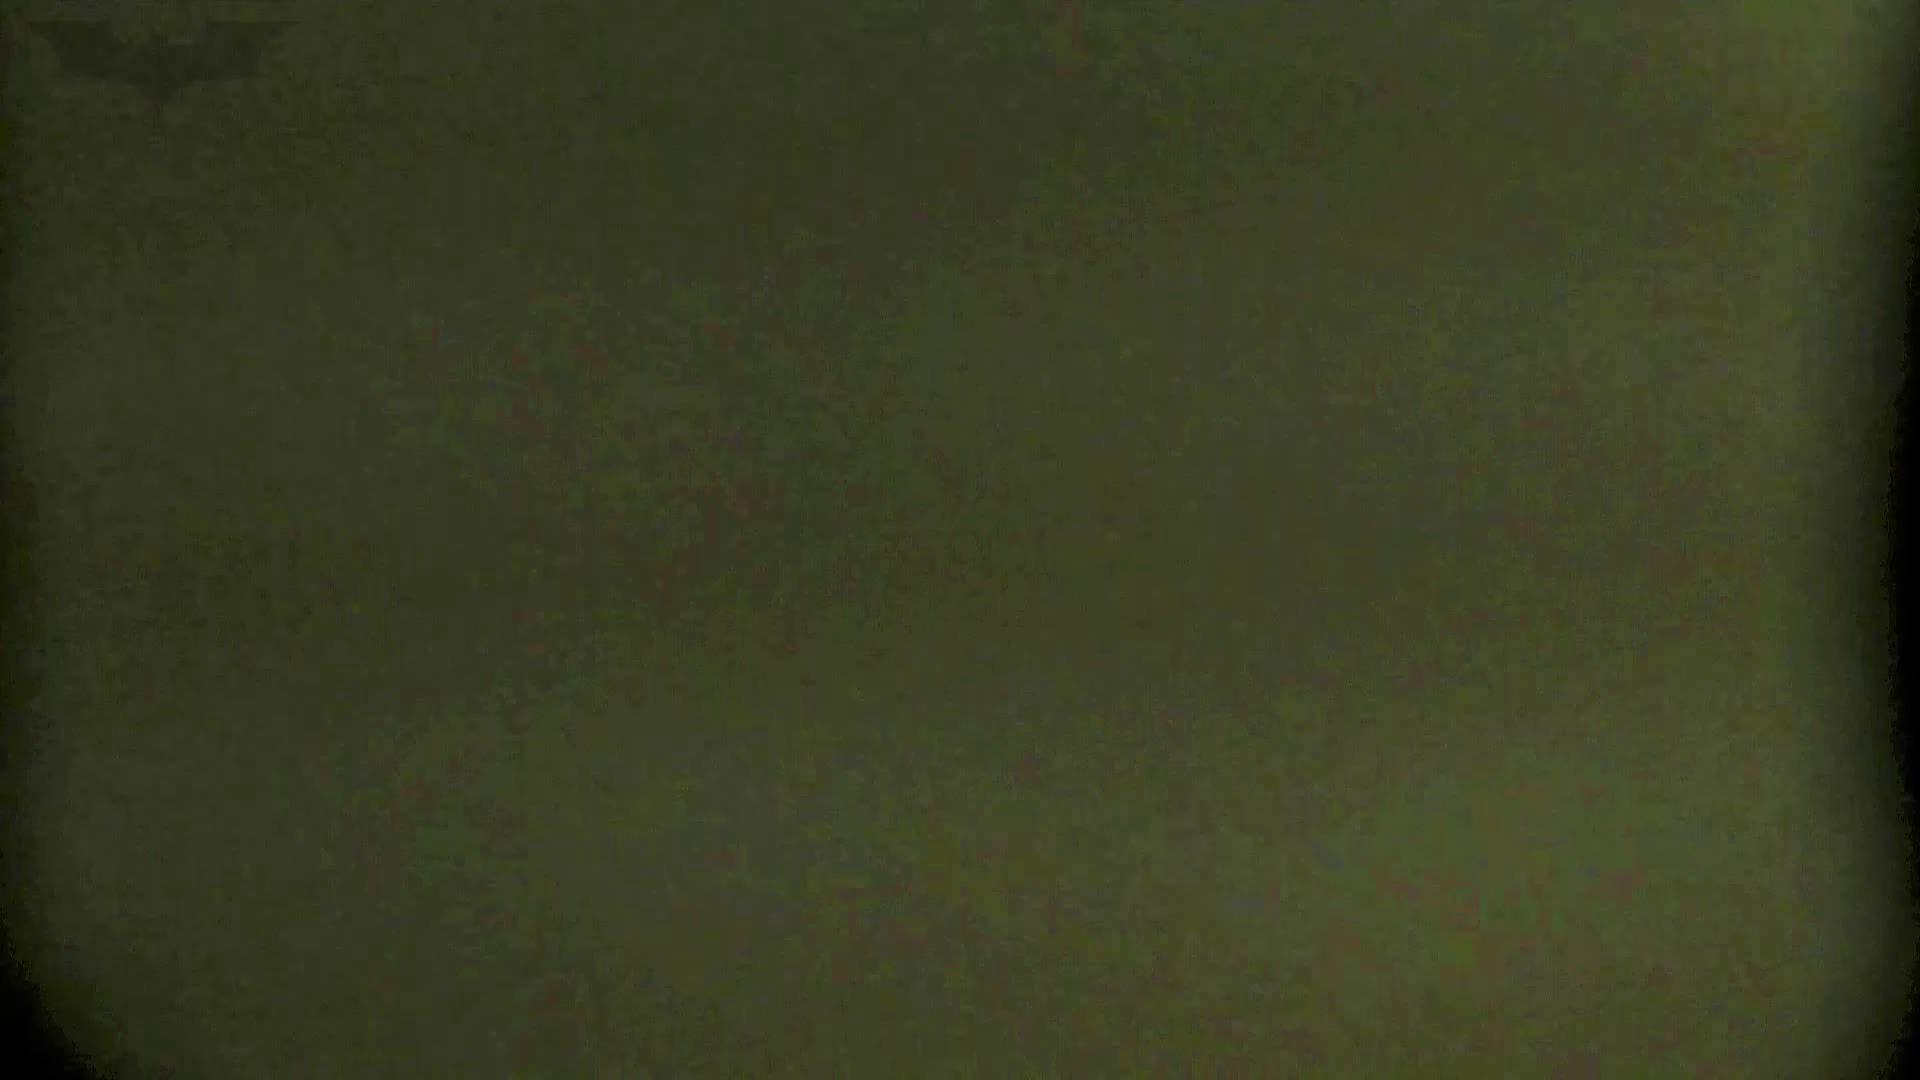 洗面所特攻隊 vol.73 ラスト3澄ました顔して、まさかの脱肛!! 丸見え えろ無修正画像 78枚 32